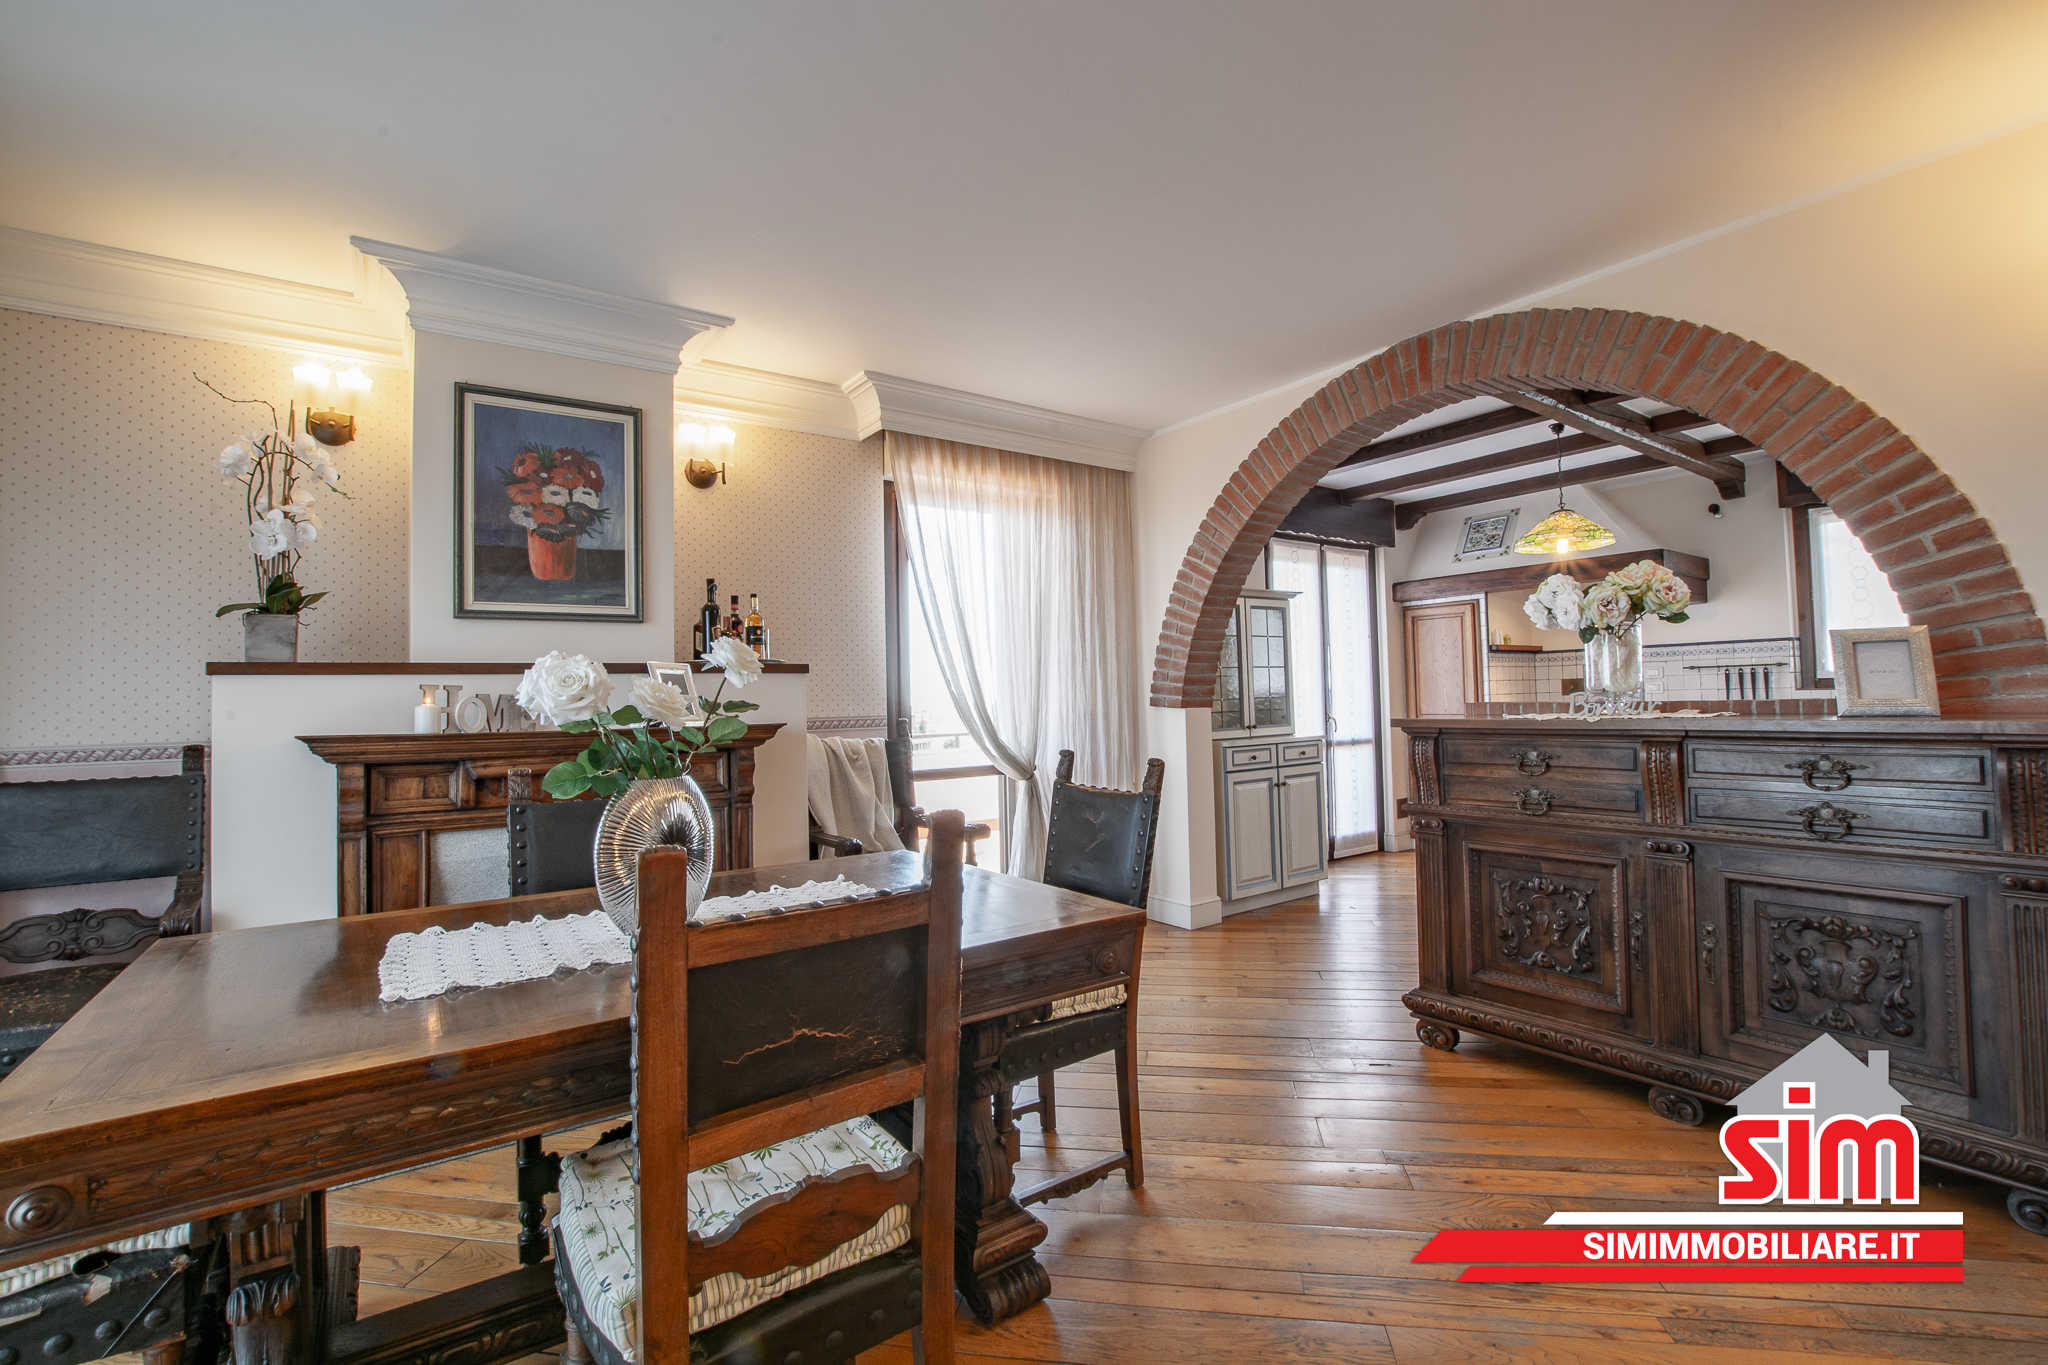 Aumentare il valore della casa a Novara